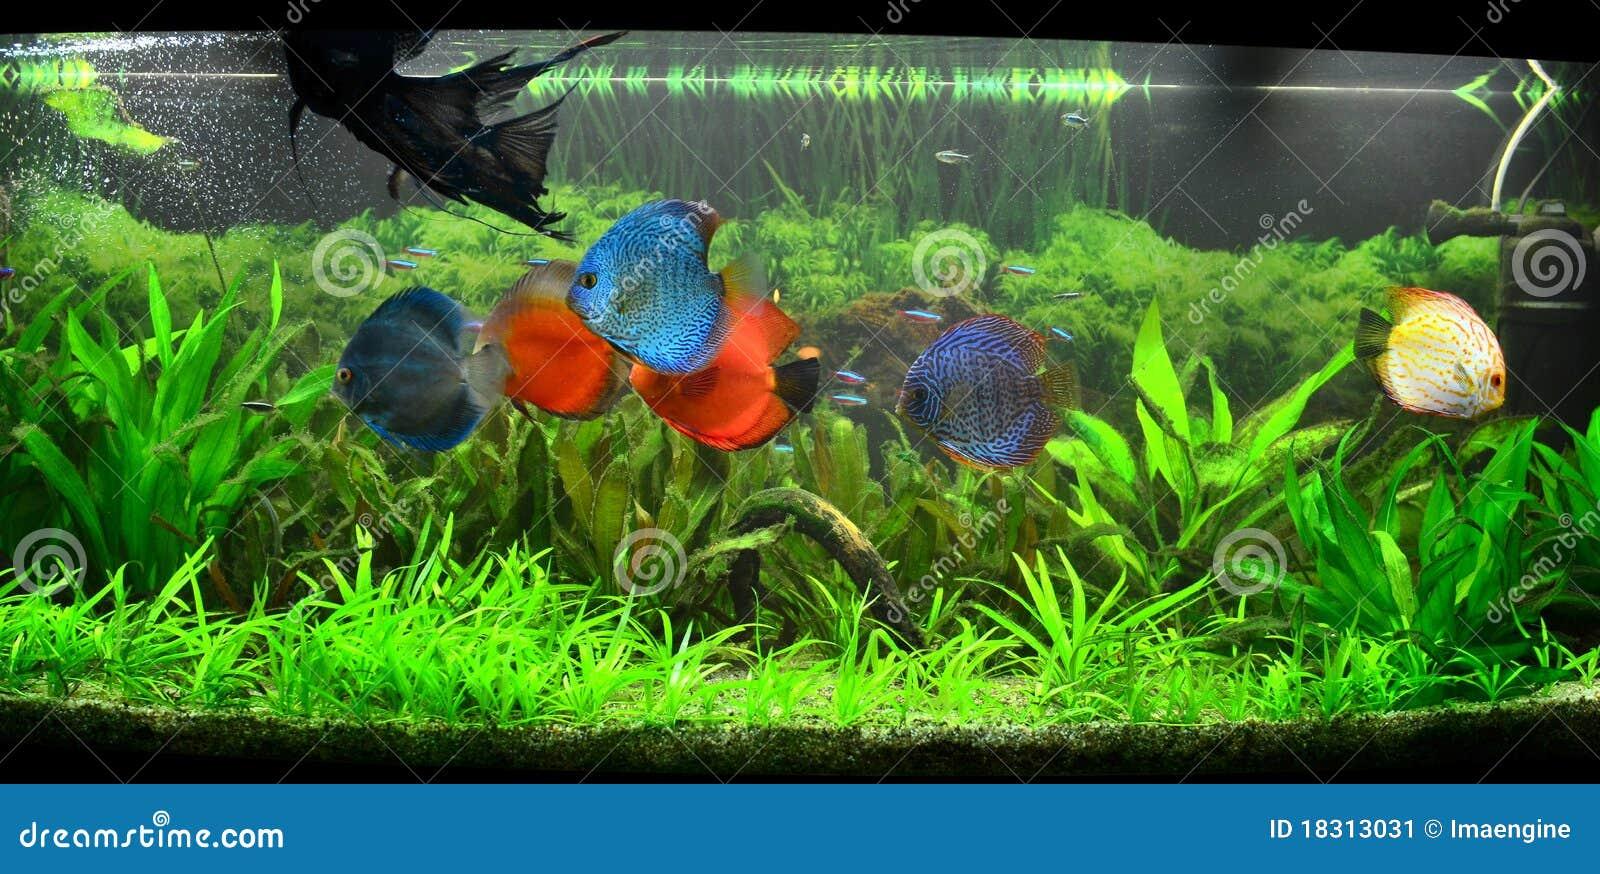 R servoir de poissons exotique aquarium amazonien image for Poissons exotiques aquarium